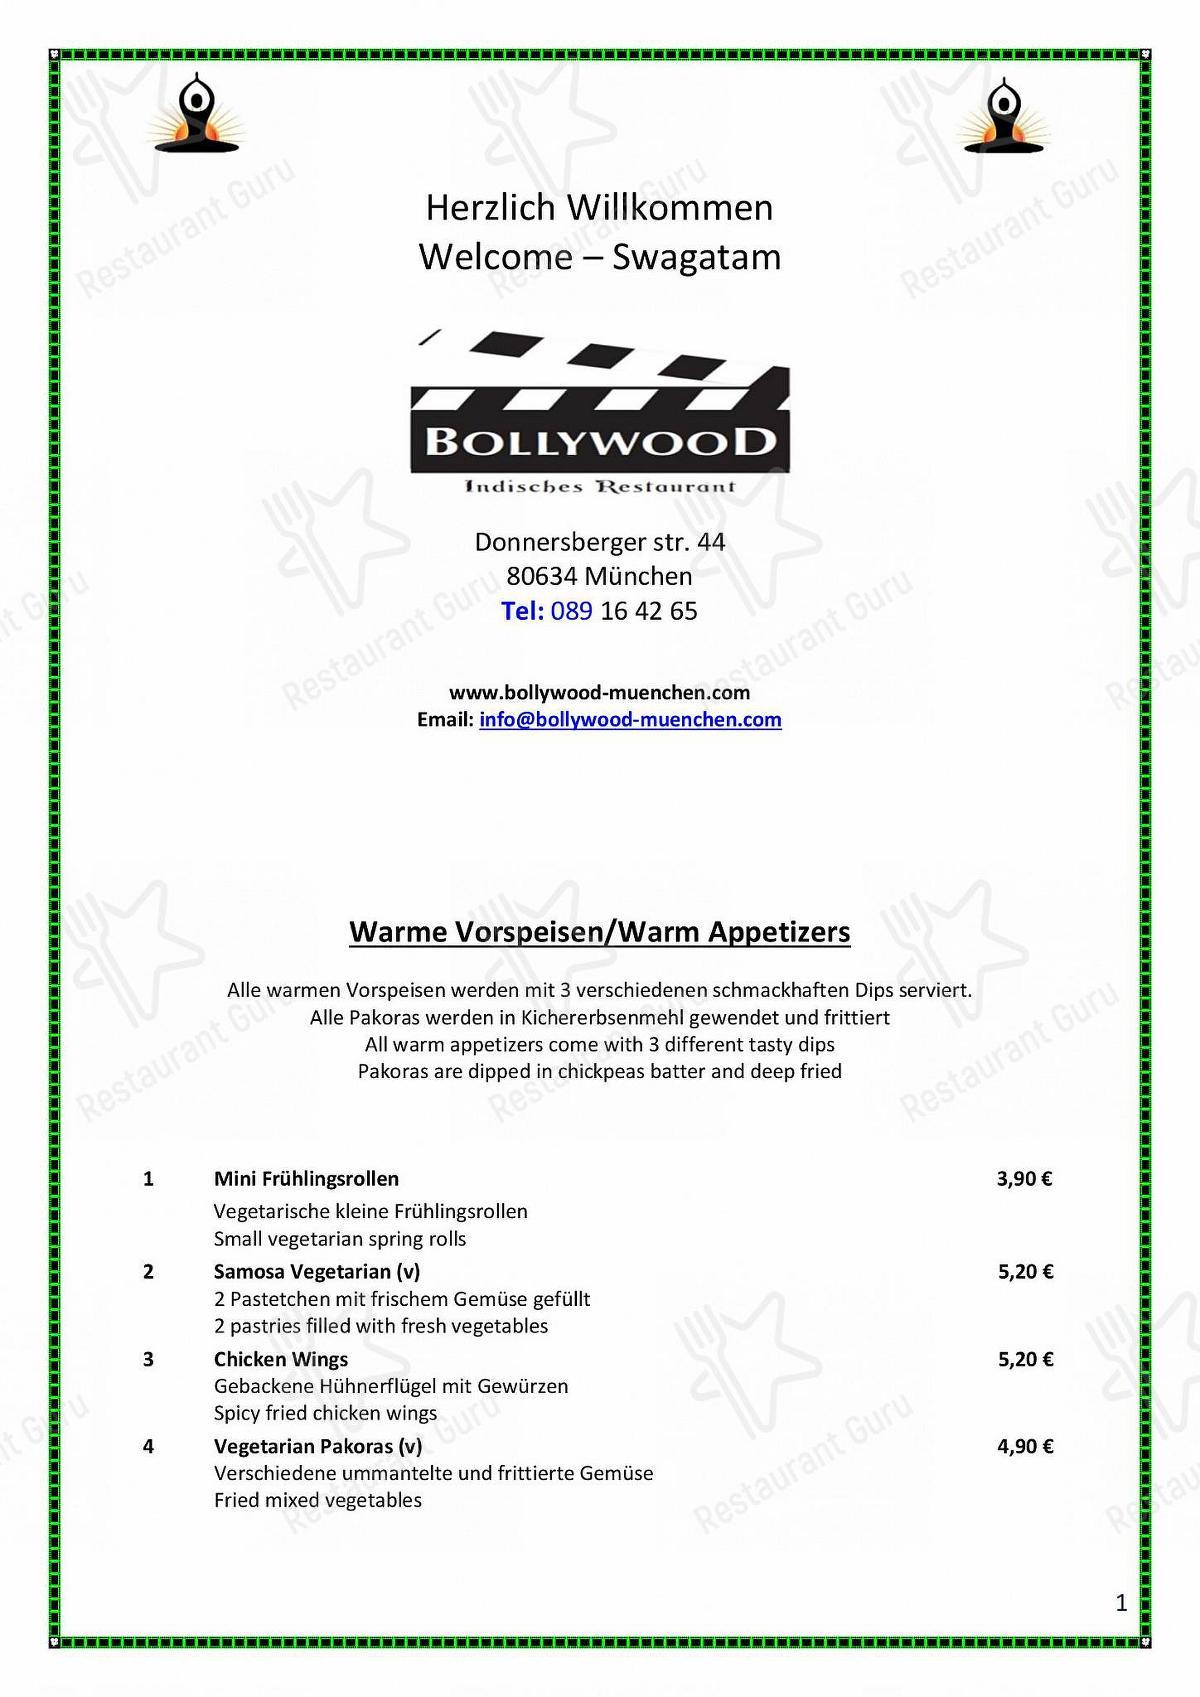 Carta de Bollywood restaurante